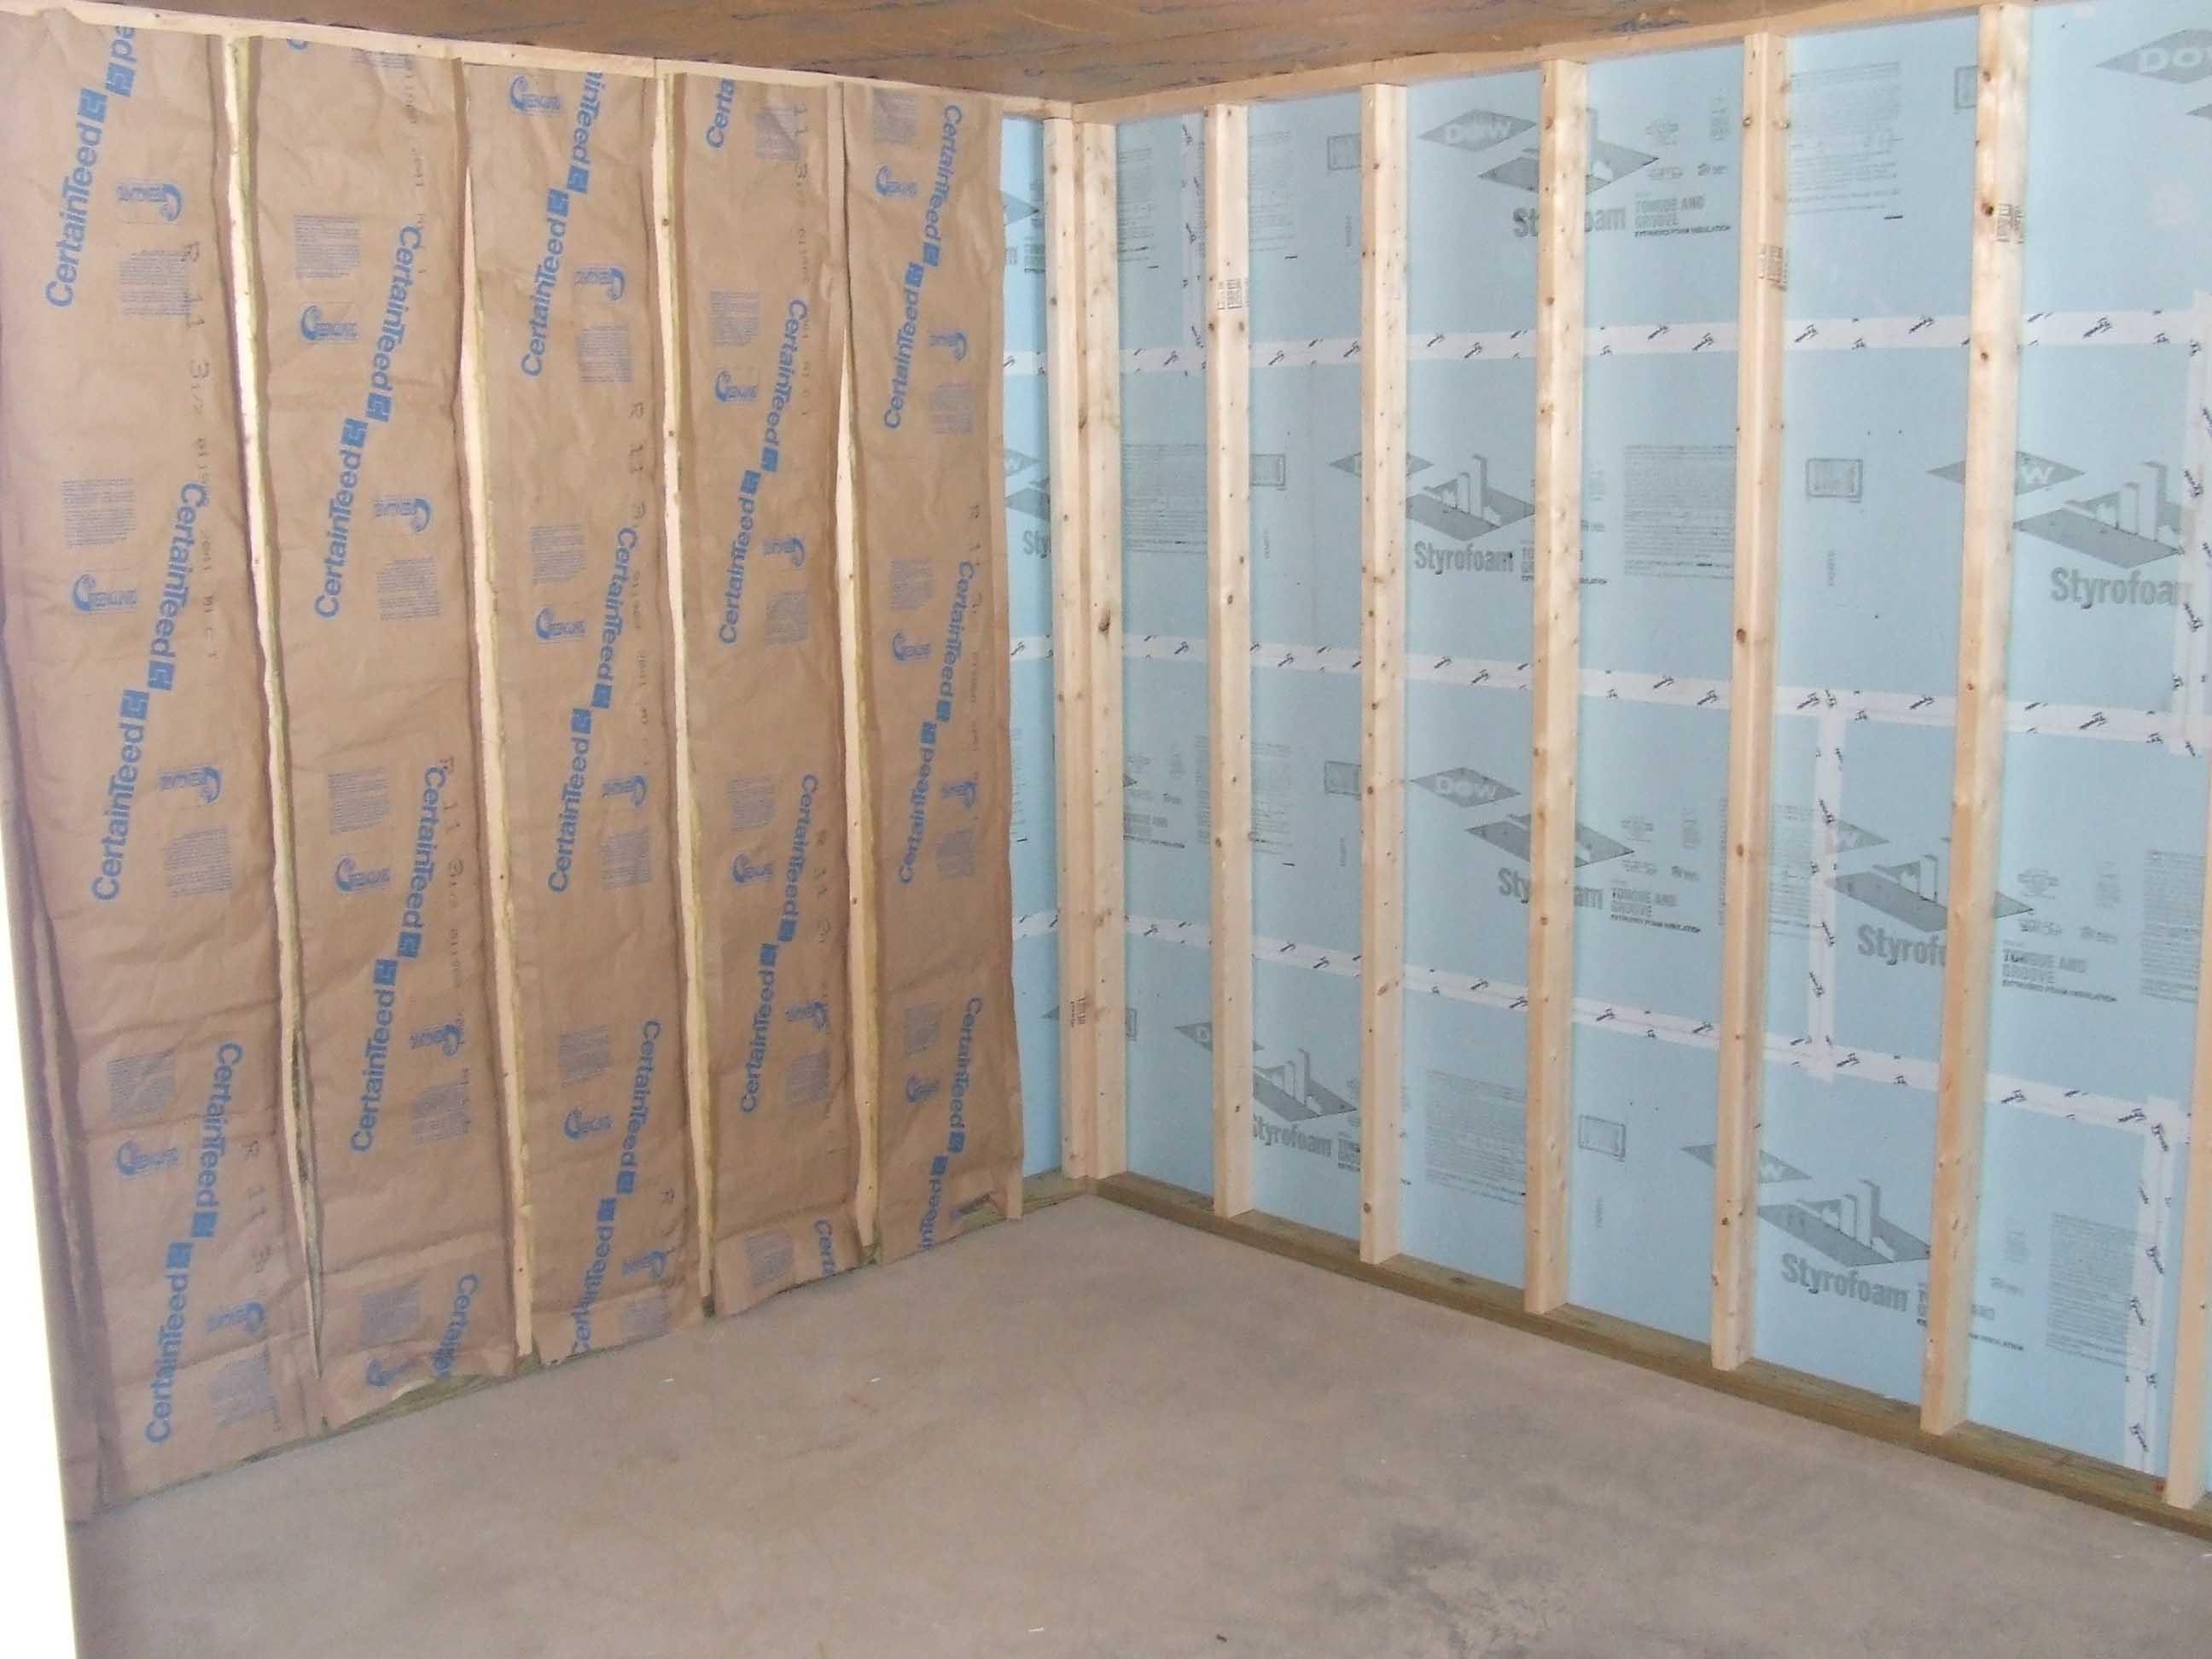 Fiberglass Batt Insulation For Basement Walls Fiberglass Batt Insulation For Basement Walls best methods for insulating basement walls 2592 X 1944